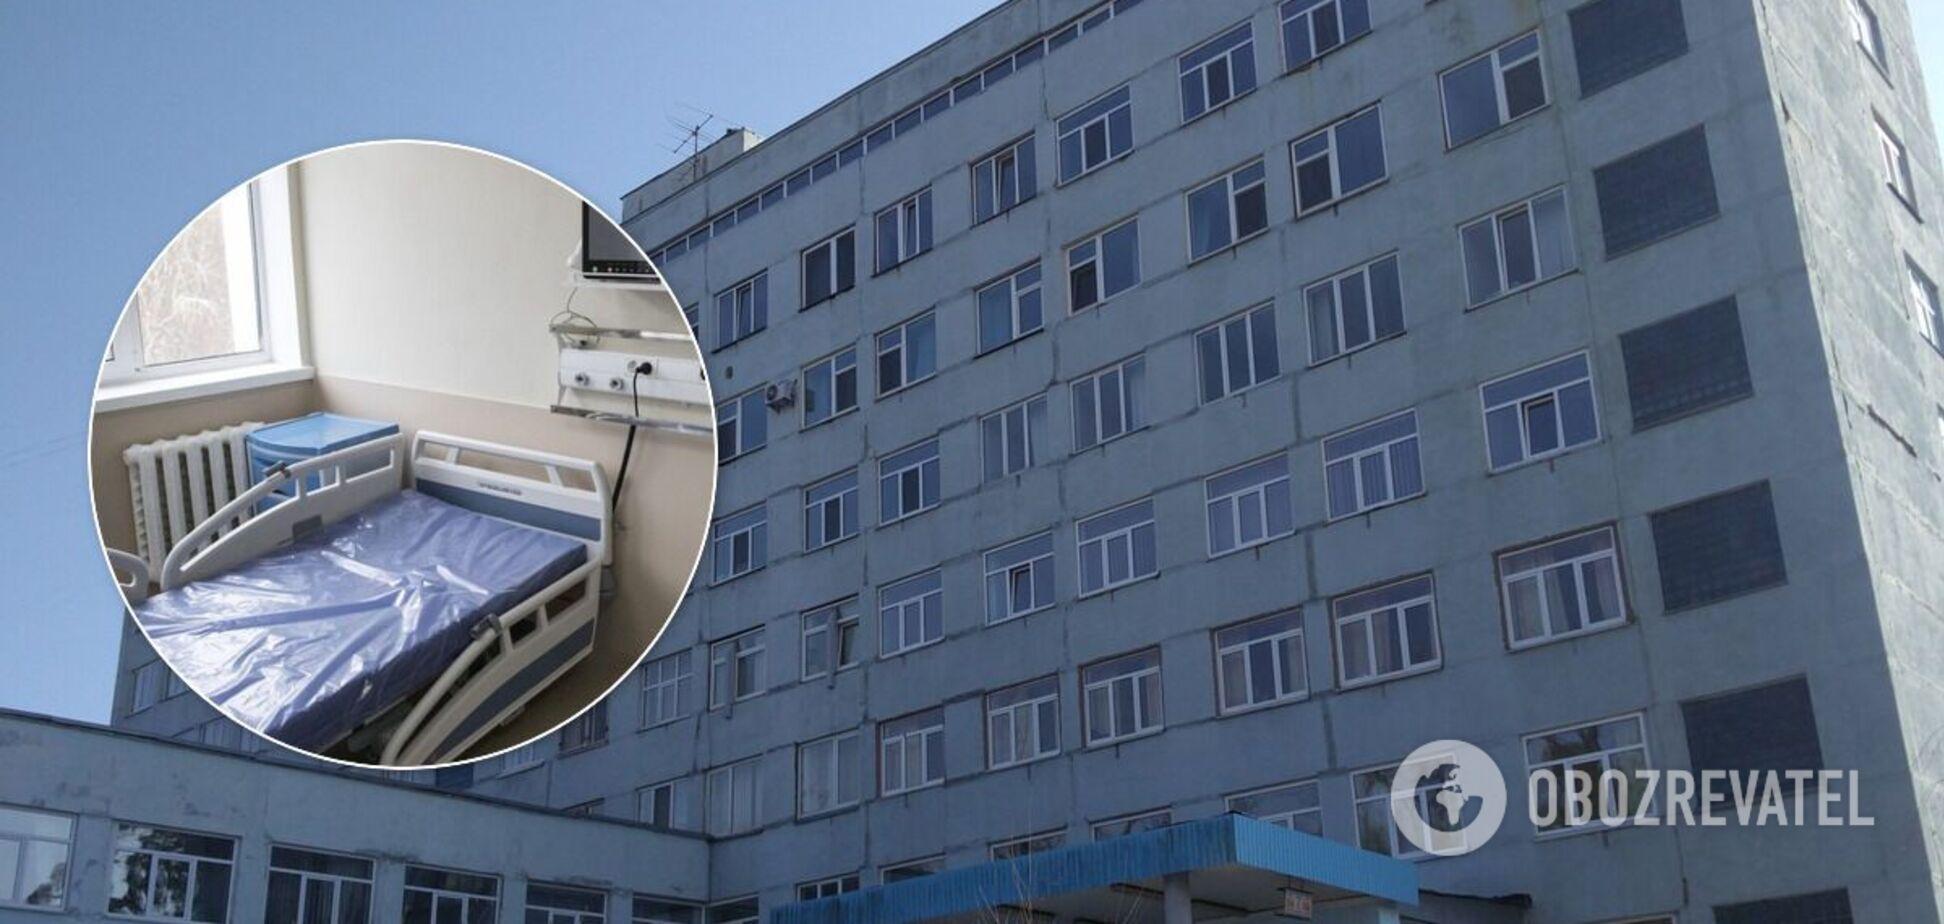 В больнице уже обустроили 140 коек для лечения больных COVID-19